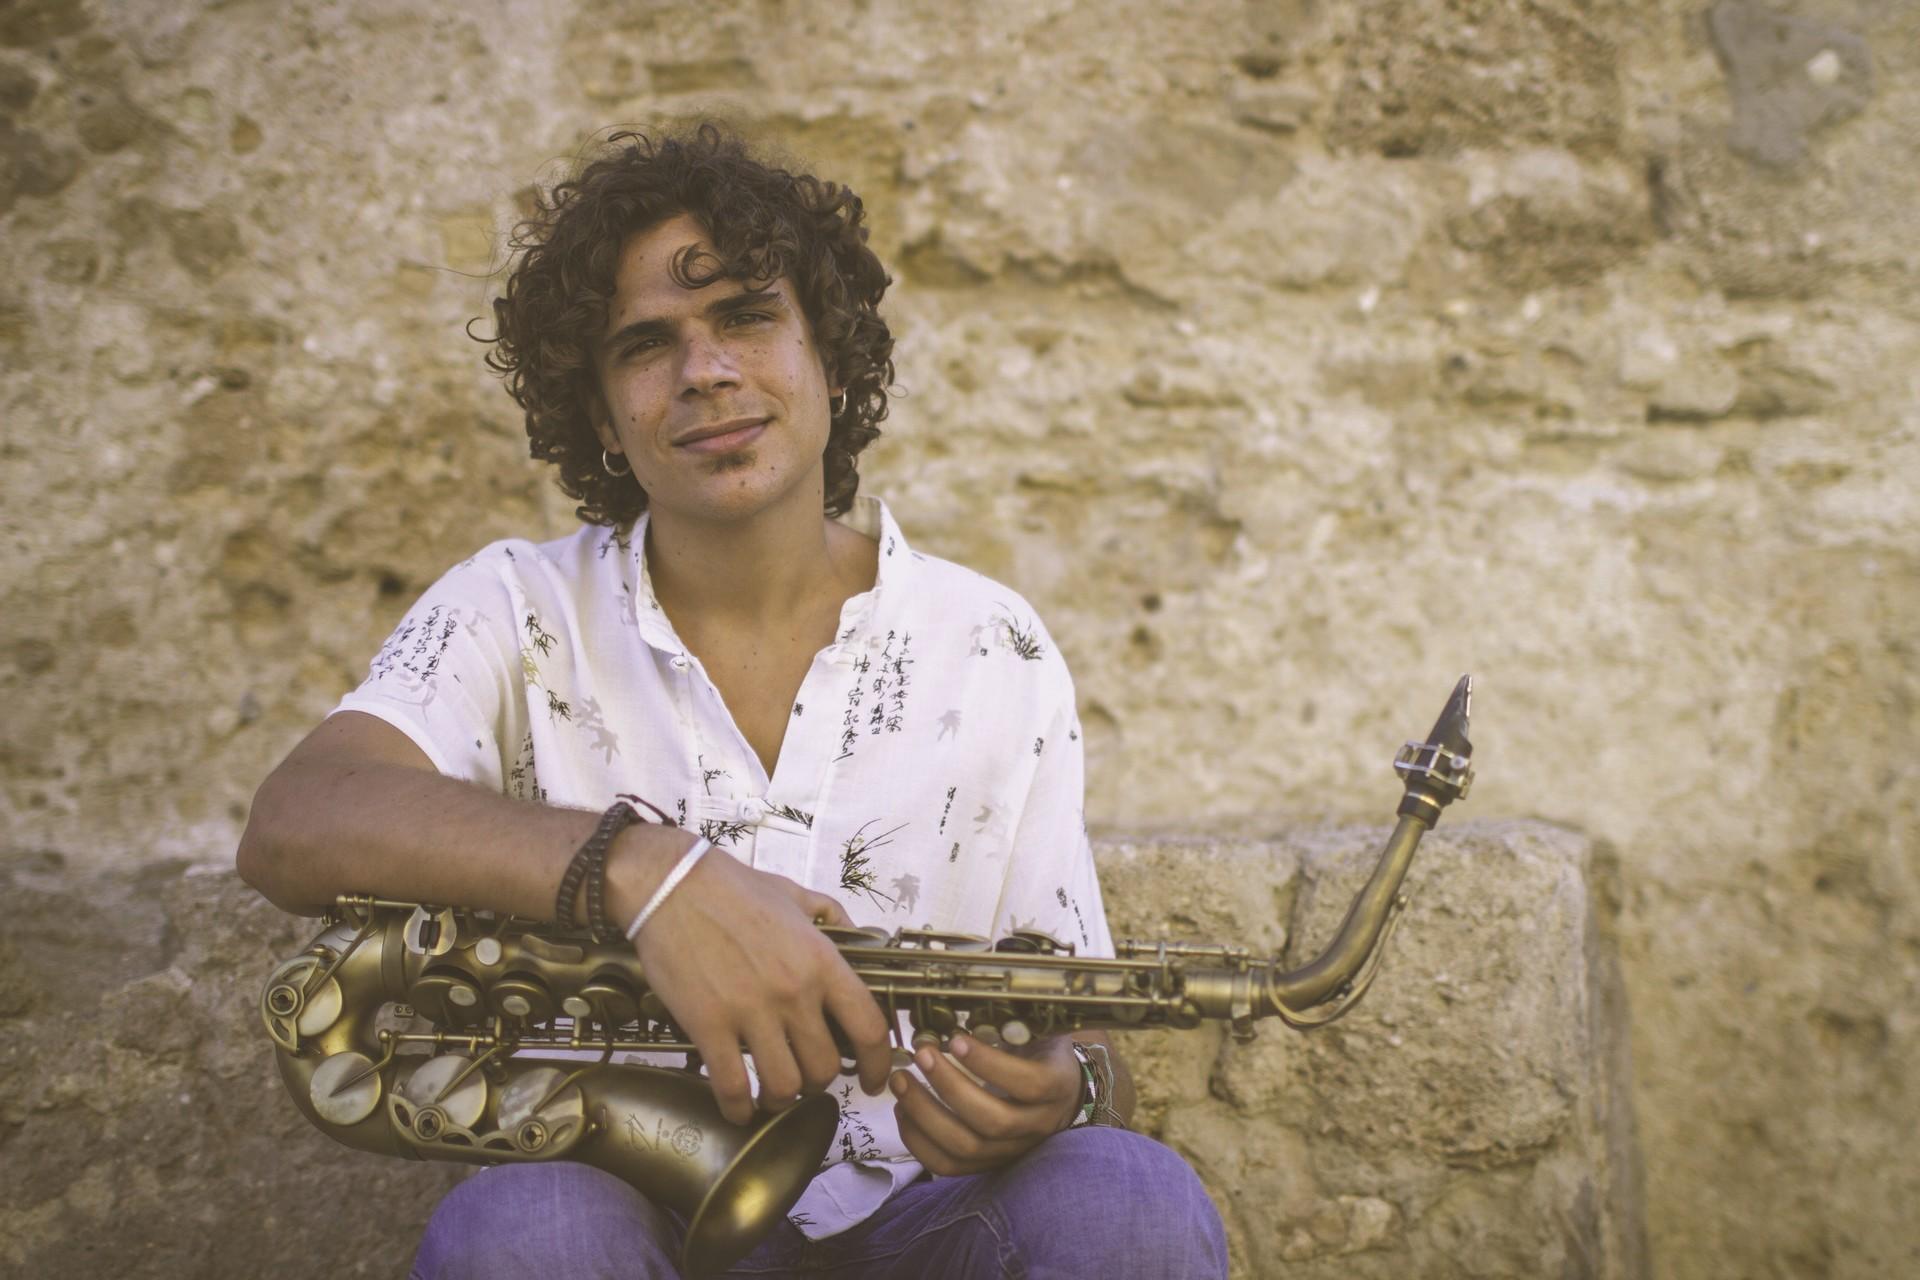 Concert : Antonio Lizana - Una realidad diferente - ORTHEZ